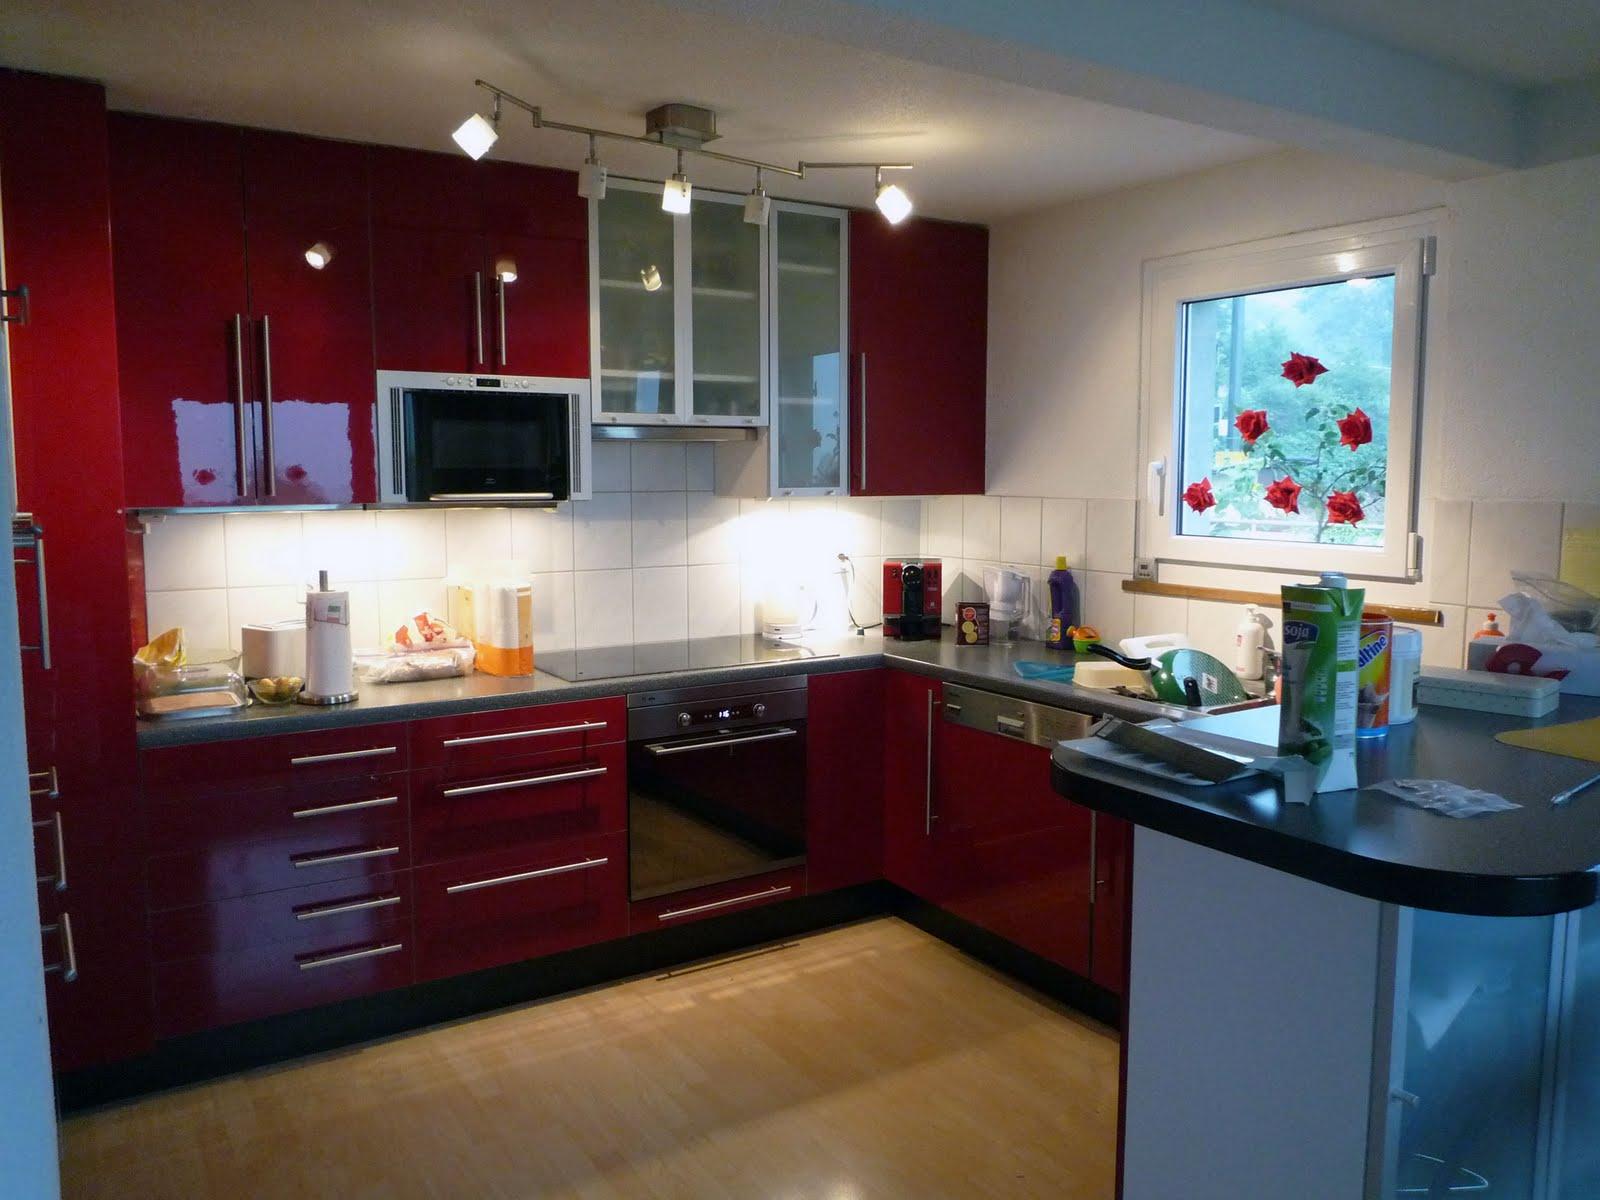 Muebles de cocina baratos tipos de muebles para cocina for Muebles bano ikea fotos